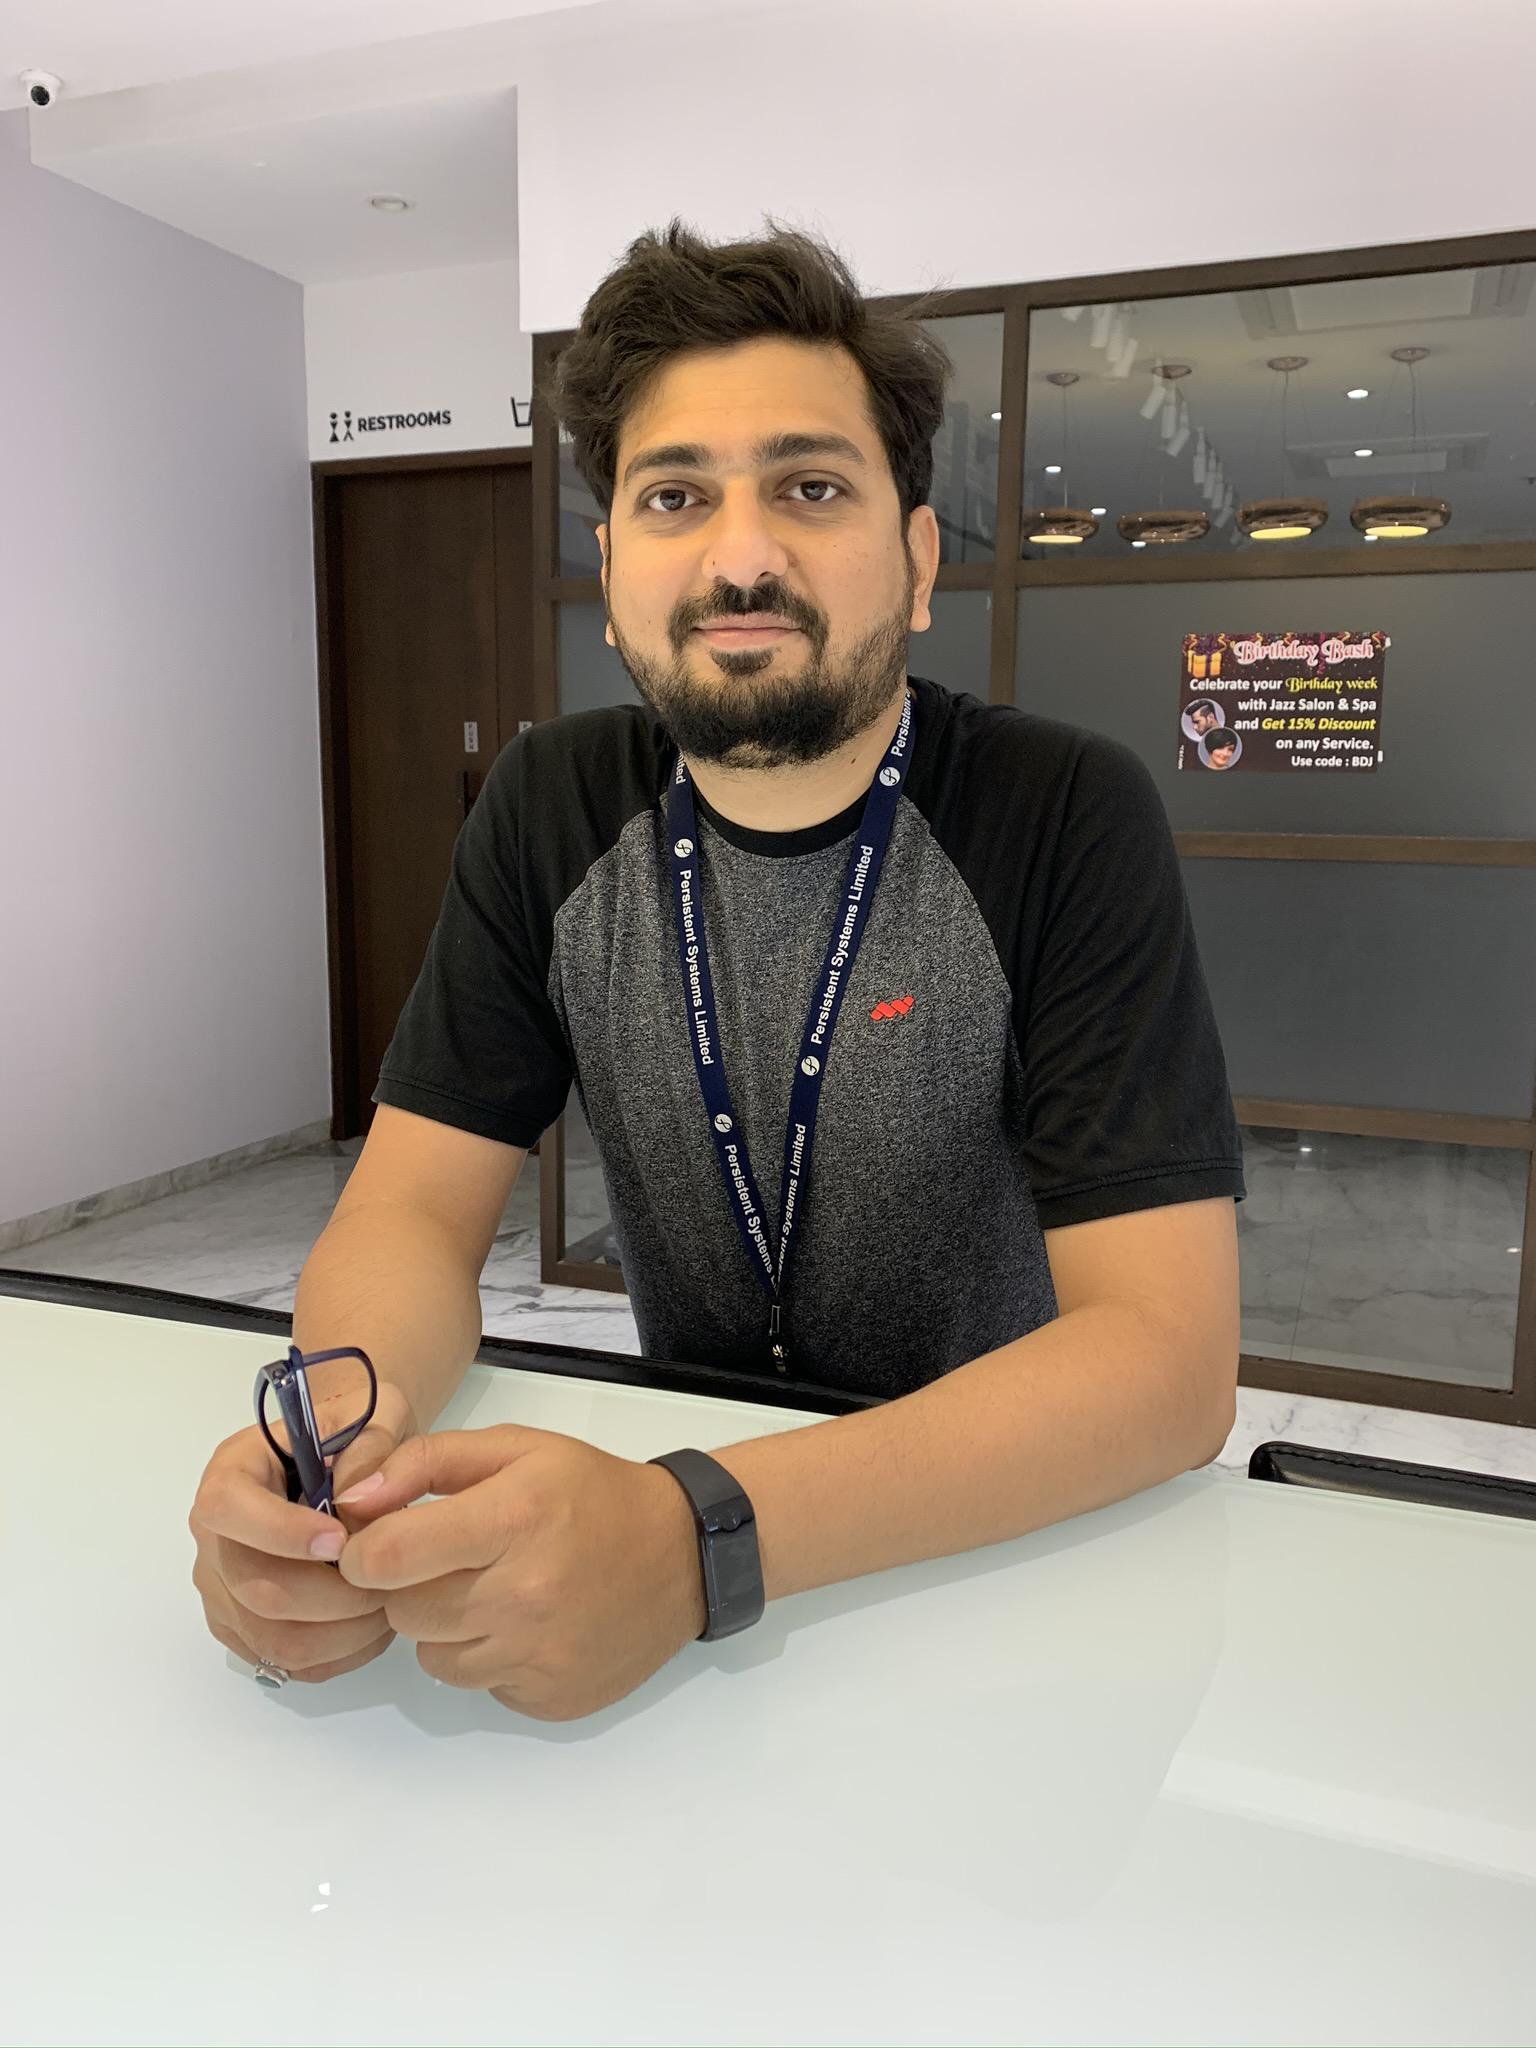 Nilesh Manpathak